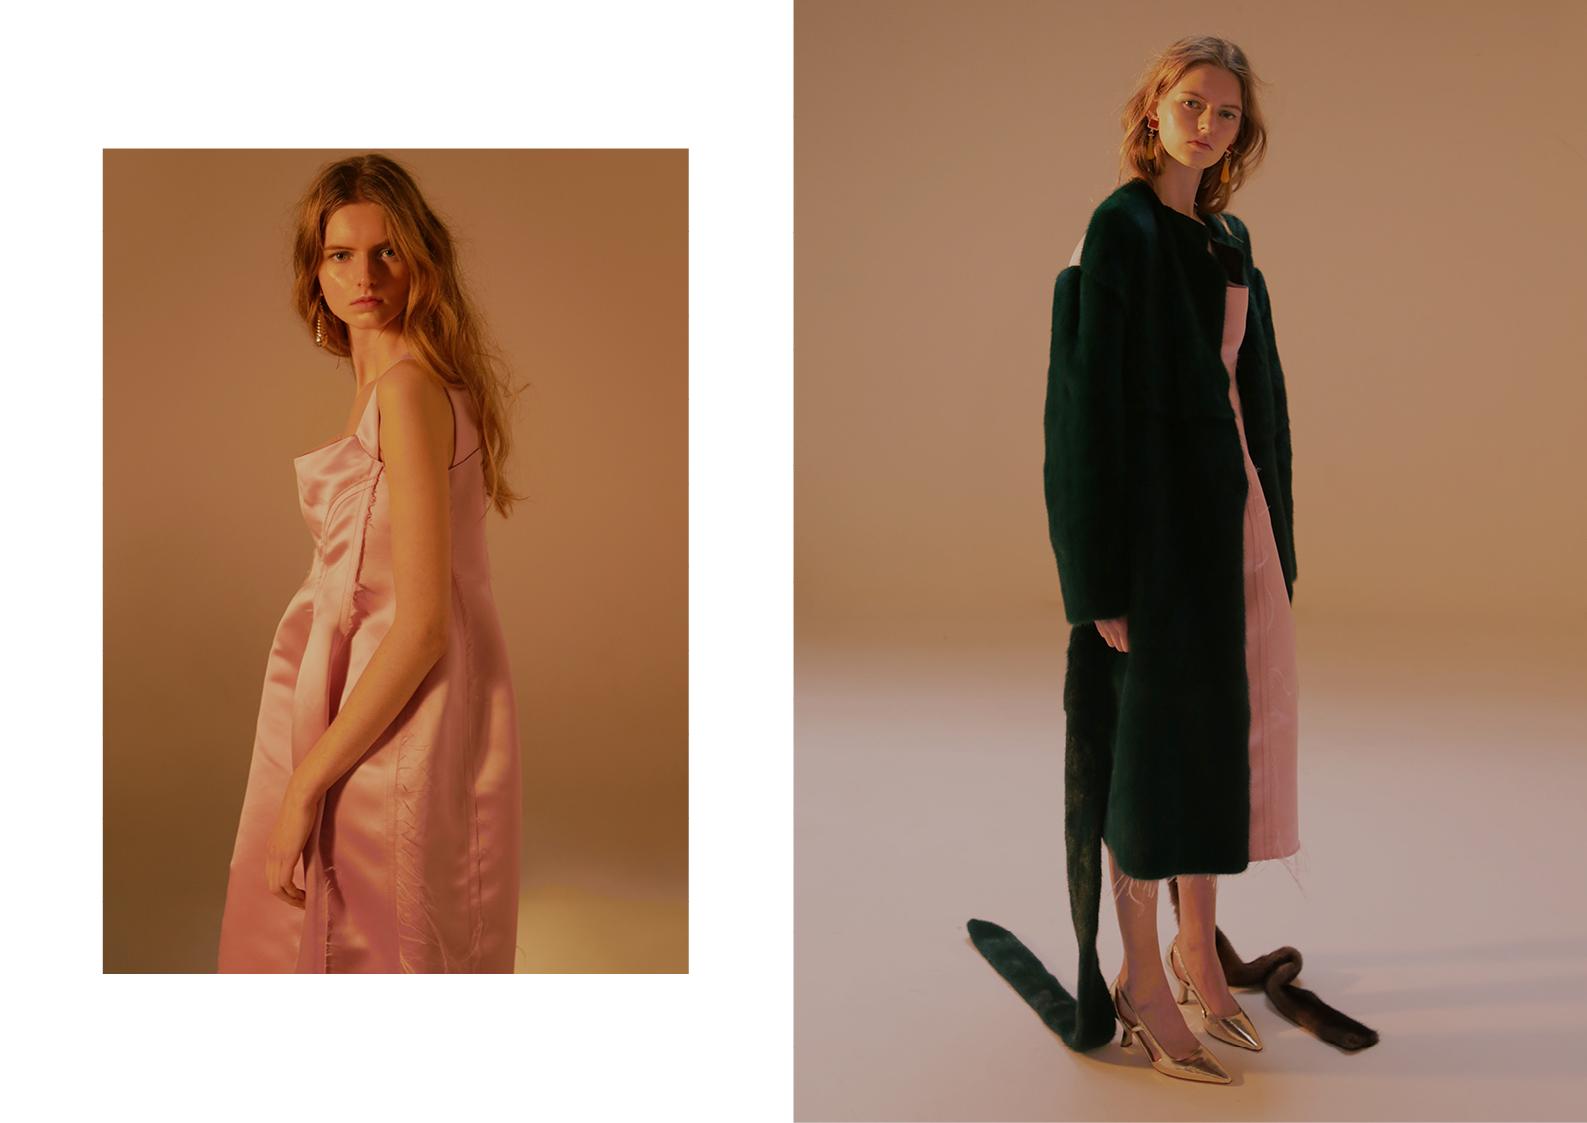 Dress Marni, Fur coat Marni, heels Giovanni Fabiani